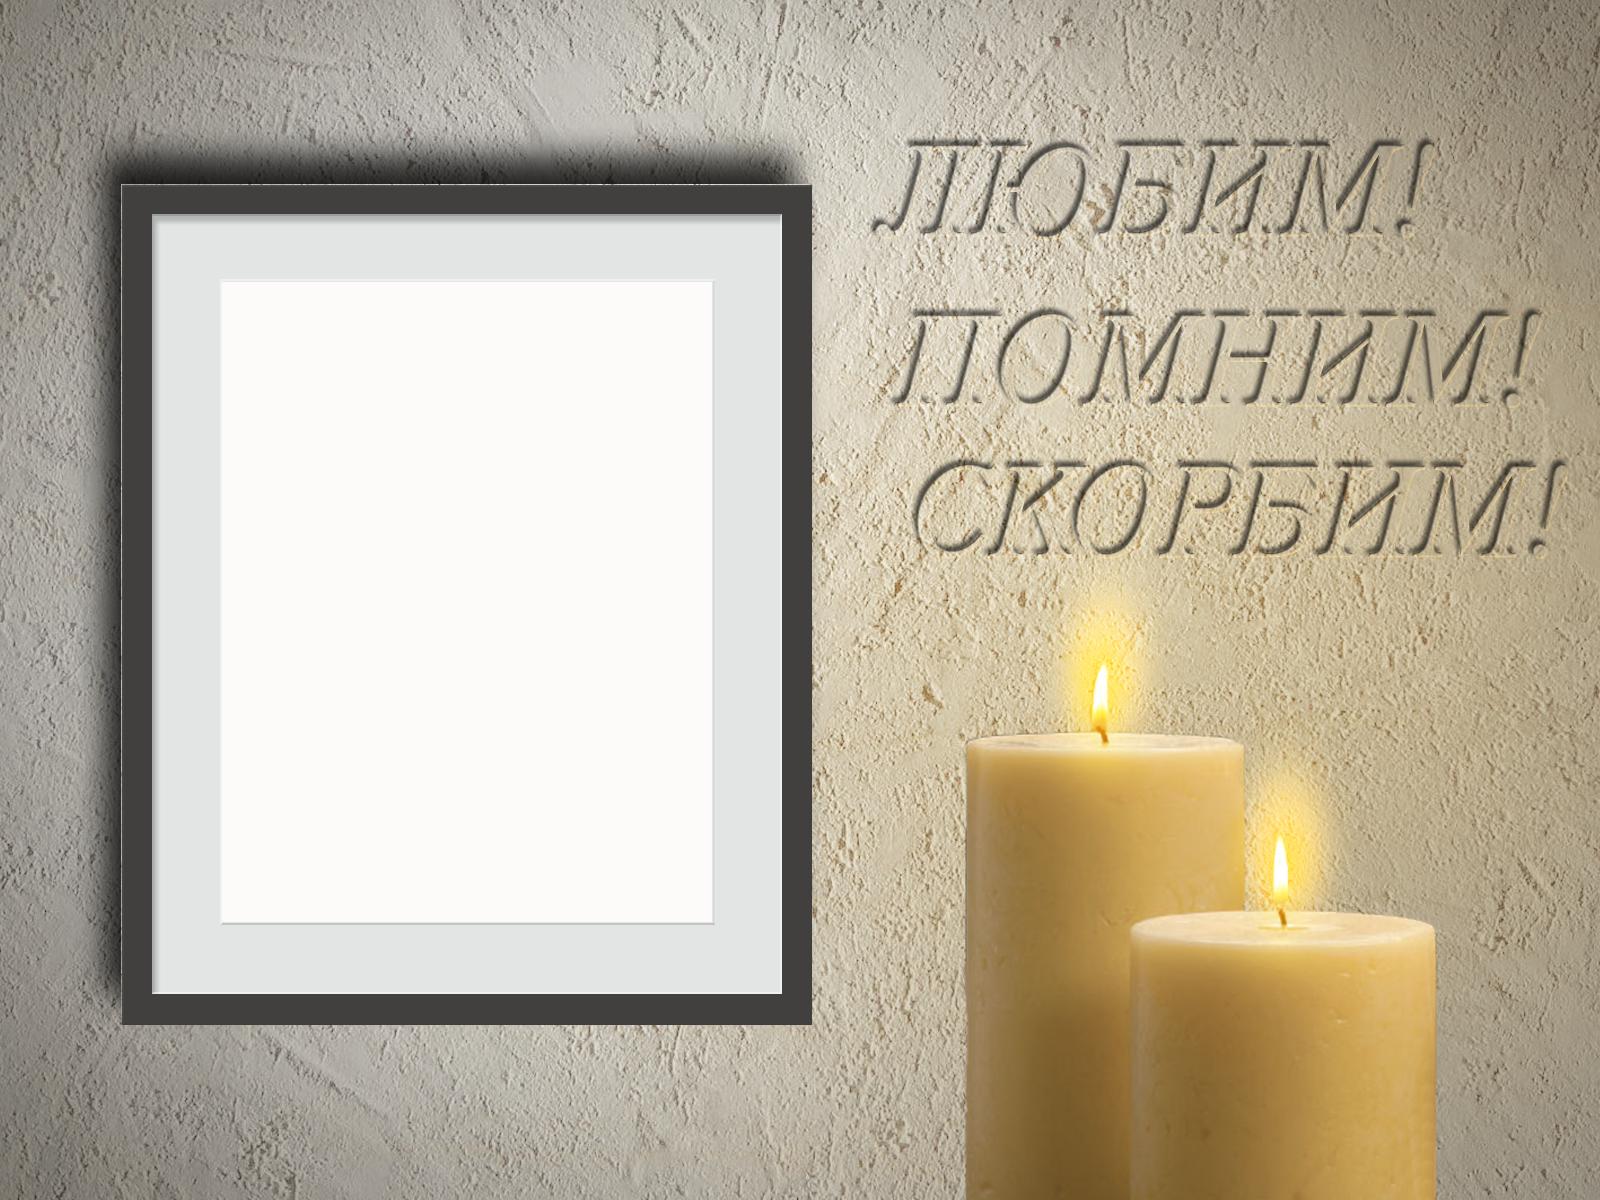 километр рамки траурные на фото со свечой слово